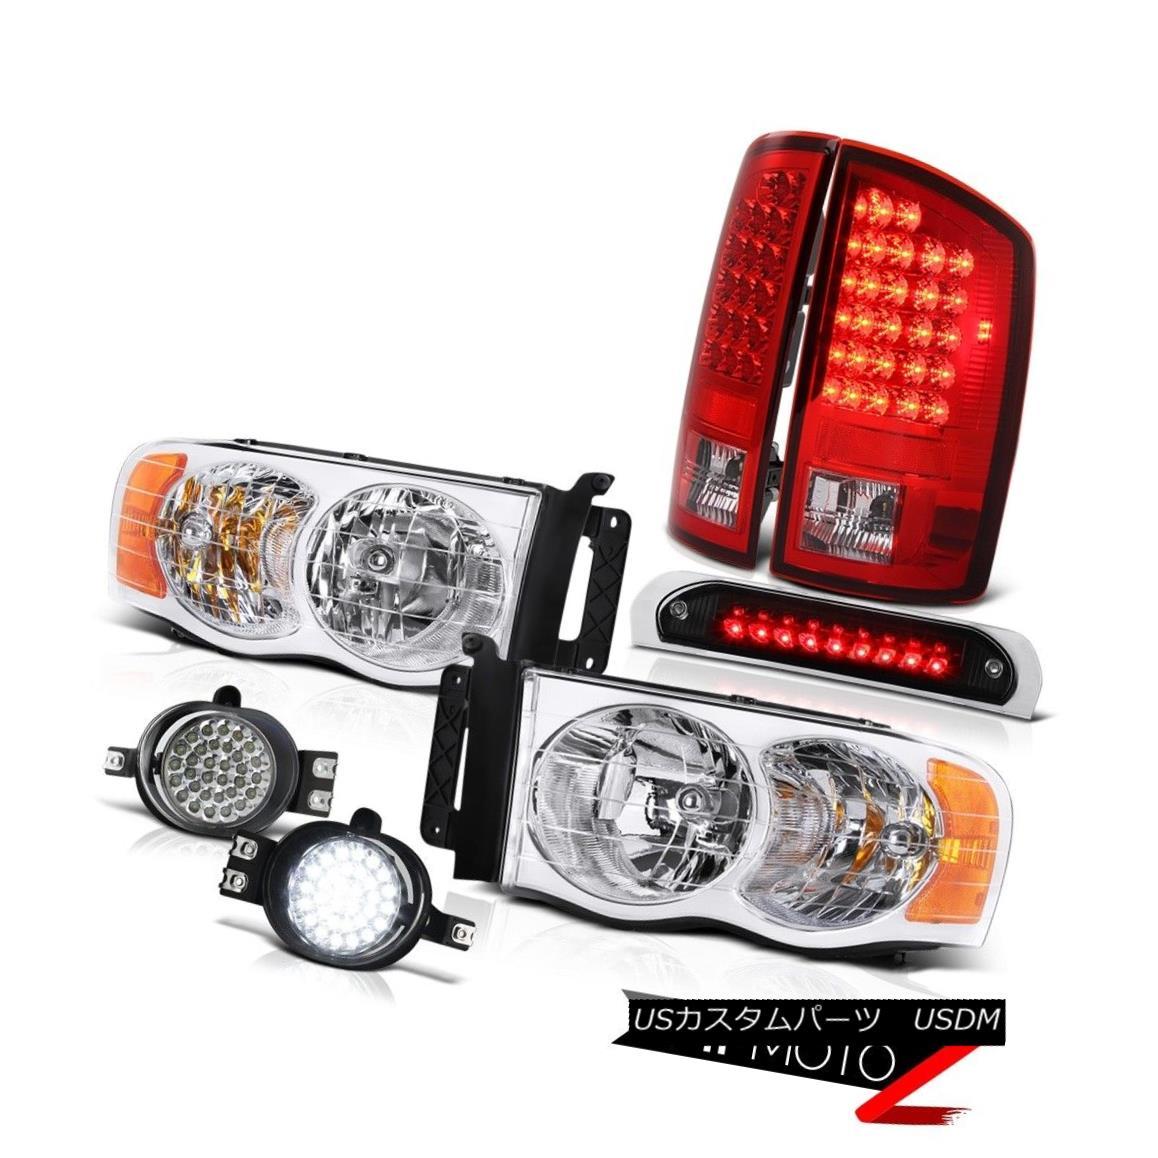 テールライト 02 03 04 05 Ram 2500 Crystal Headlight LED Tail Light Bumper Fog High Stop Black 02 03 04 05 Ram 2500クリスタルヘッドライトLEDテールライトバンパーフォグハイストップブラック